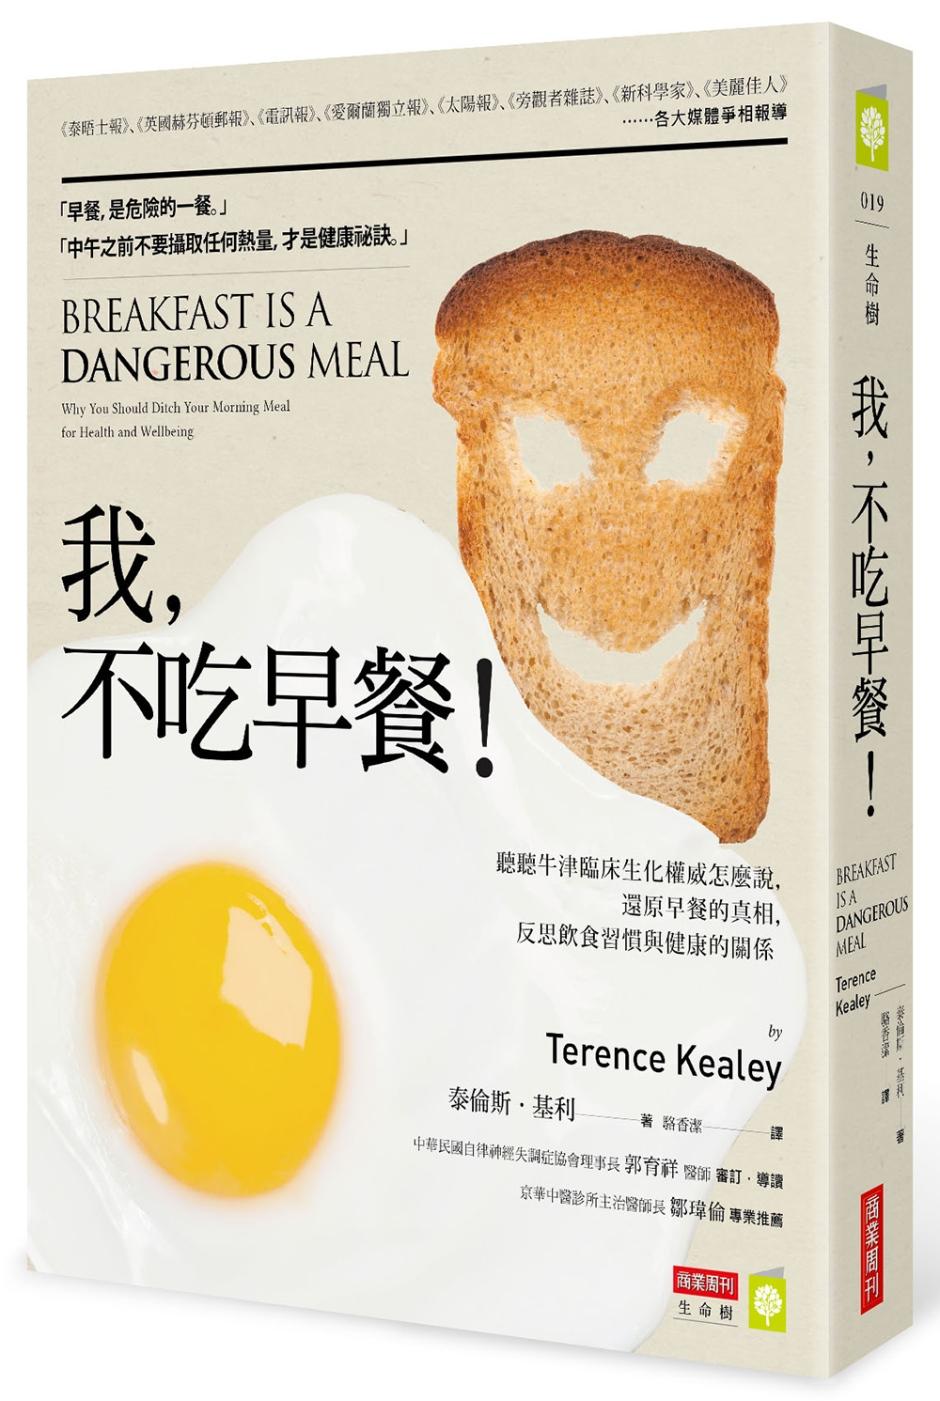 我,不吃早餐!:聽聽牛津臨床生化權威怎麼說,還原早餐的真相,反思飲食習慣與健康的關係